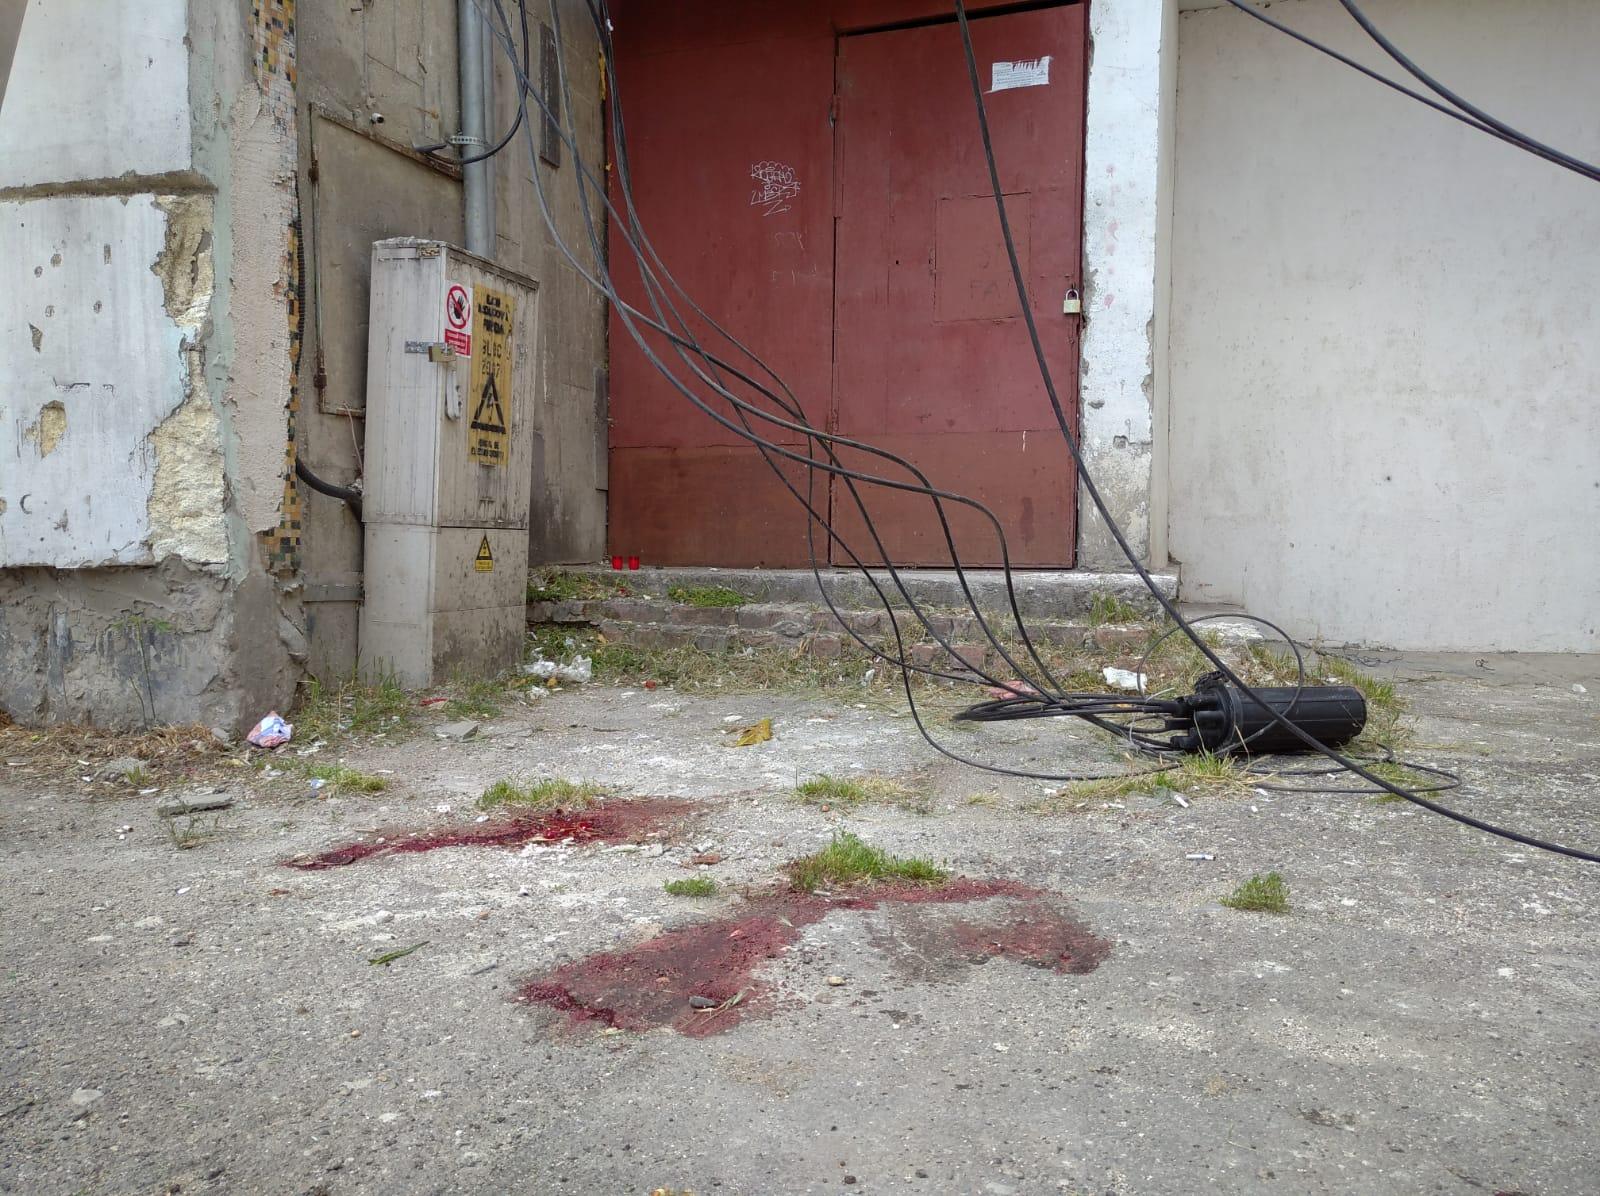 În cădere, trupul a rupt și cablurile din zonă